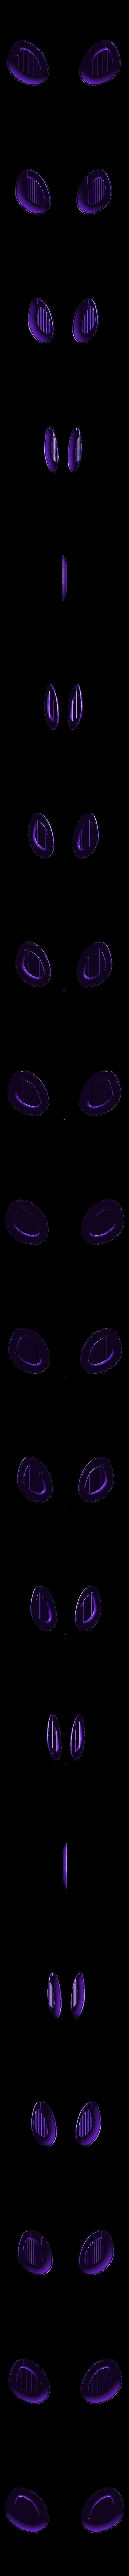 mask_Sides_FFlab_v2.stl Télécharger fichier STL gratuit Masque de scorpion • Modèle imprimable en 3D, ayoubtouait